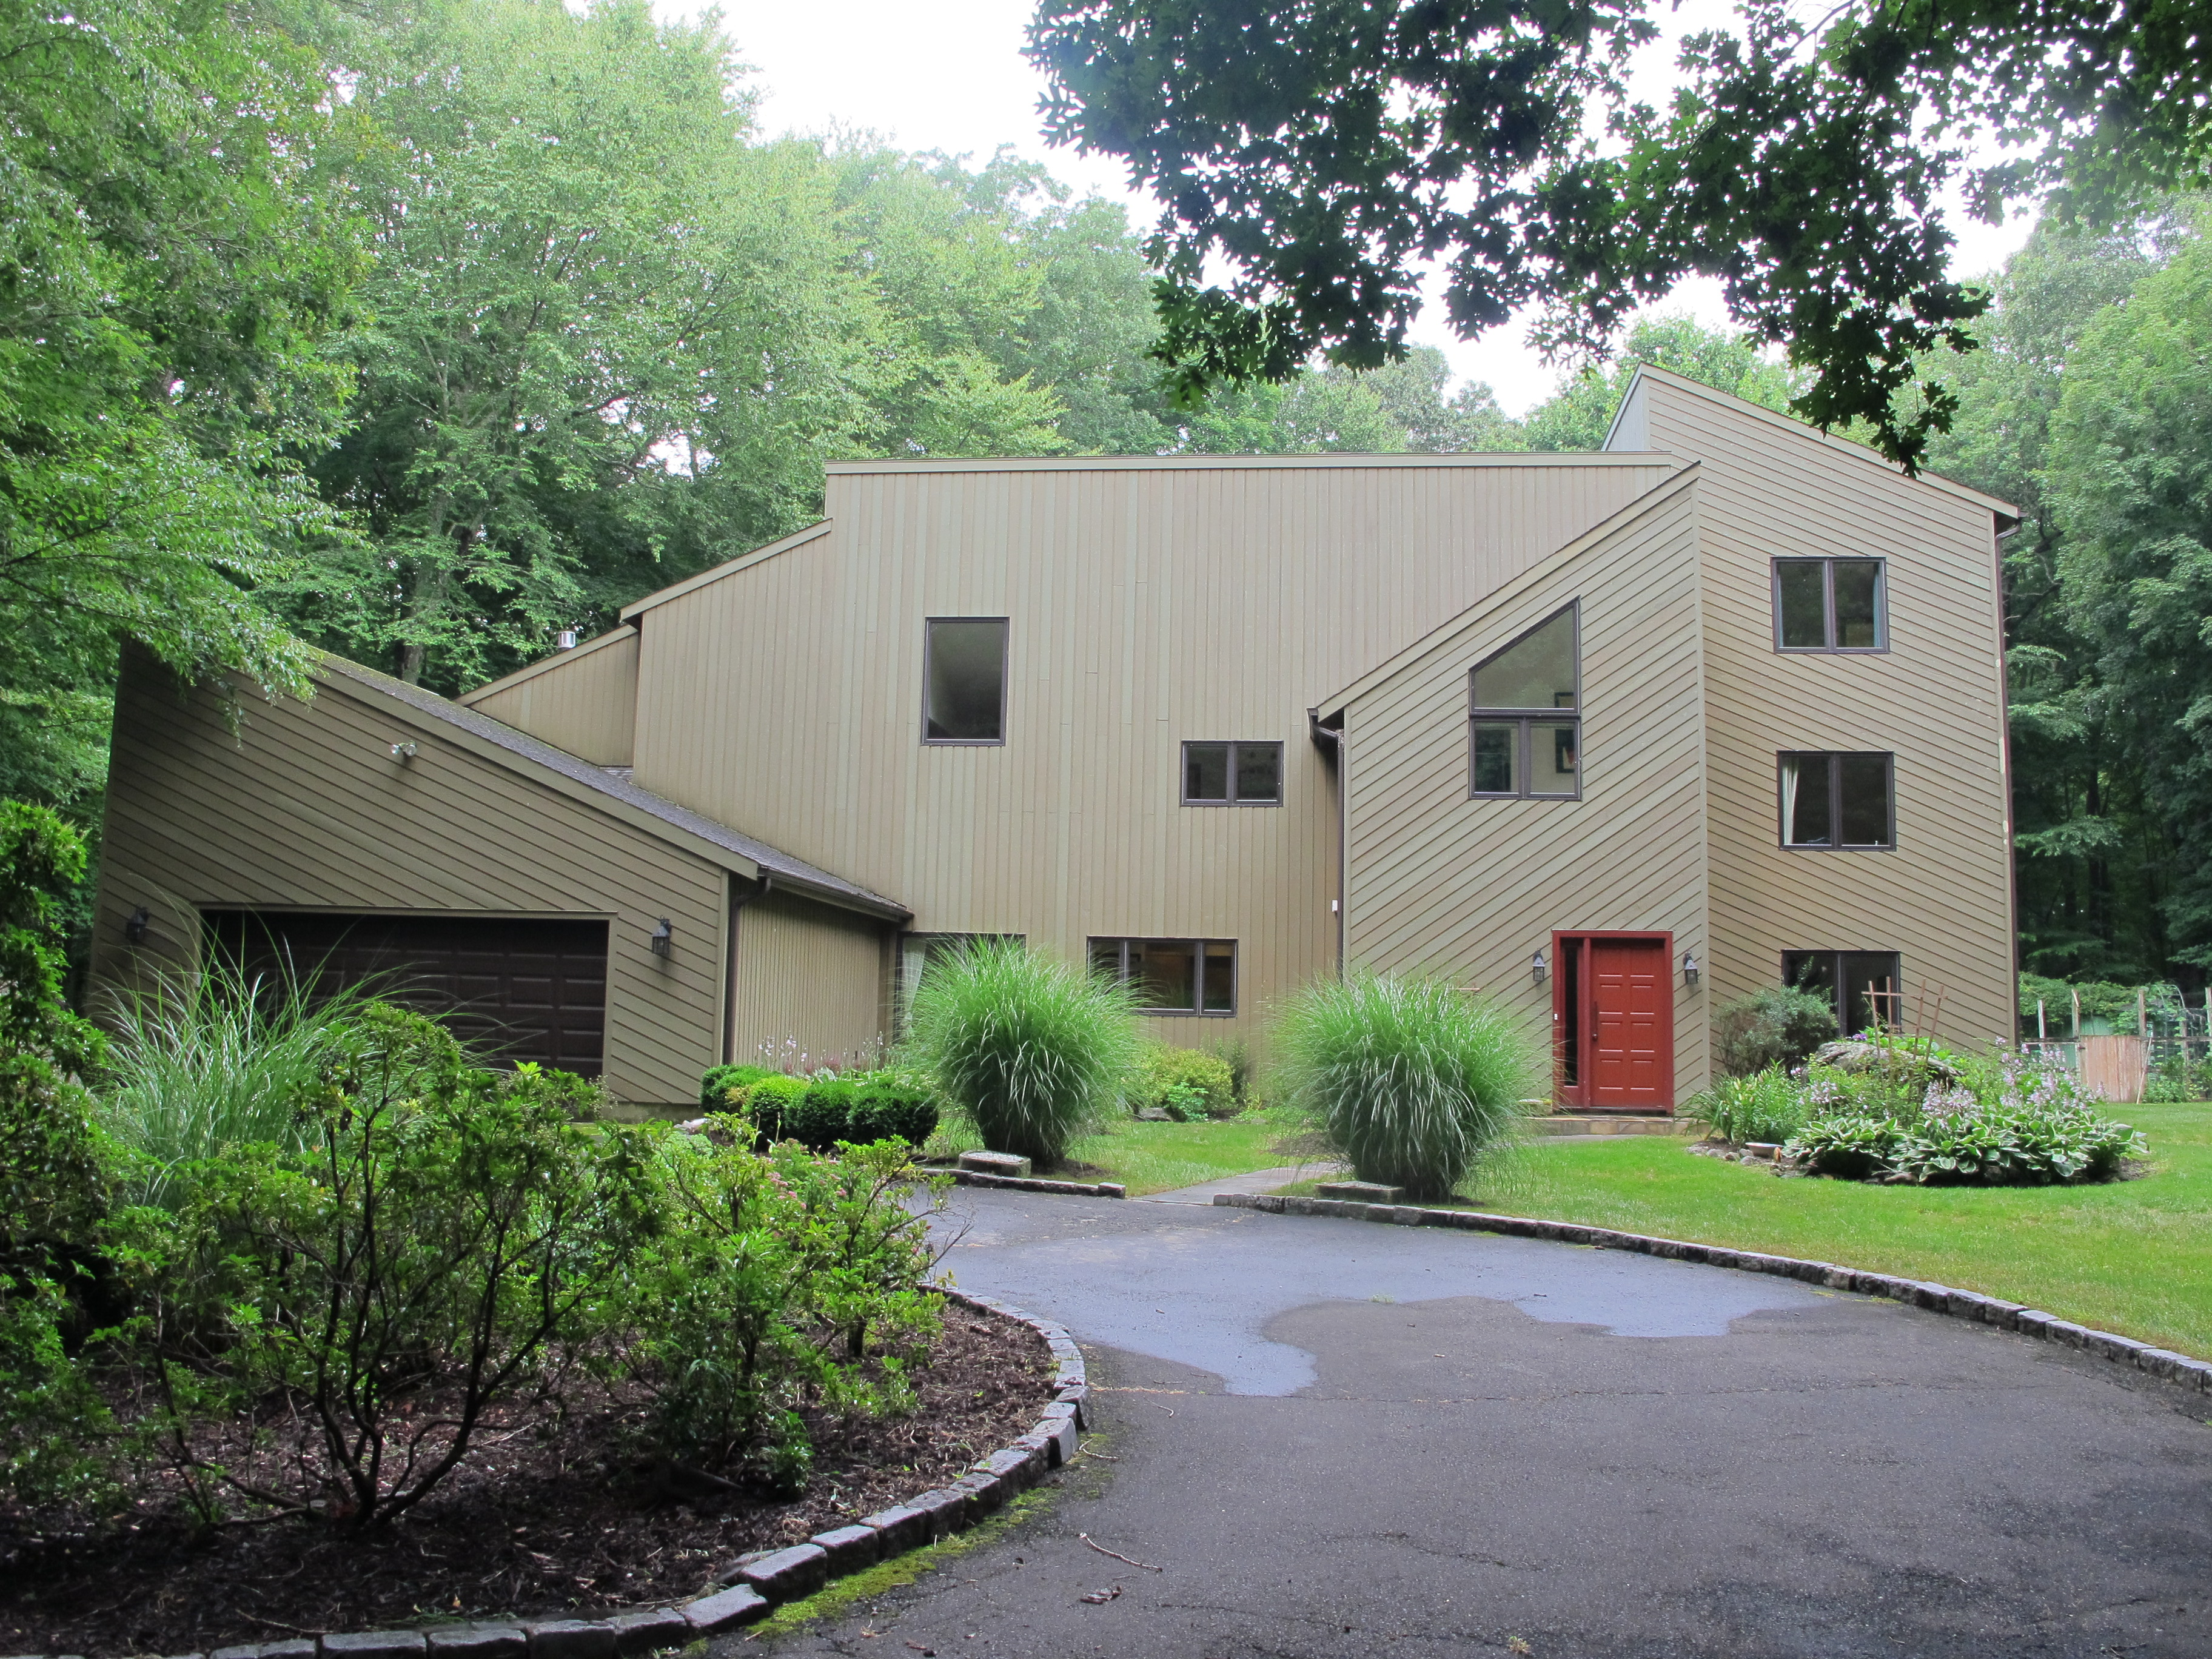 Casa Unifamiliar por un Venta en Artfully Elegant 110 Birch Hill Road Weston, Connecticut 06883 Estados Unidos